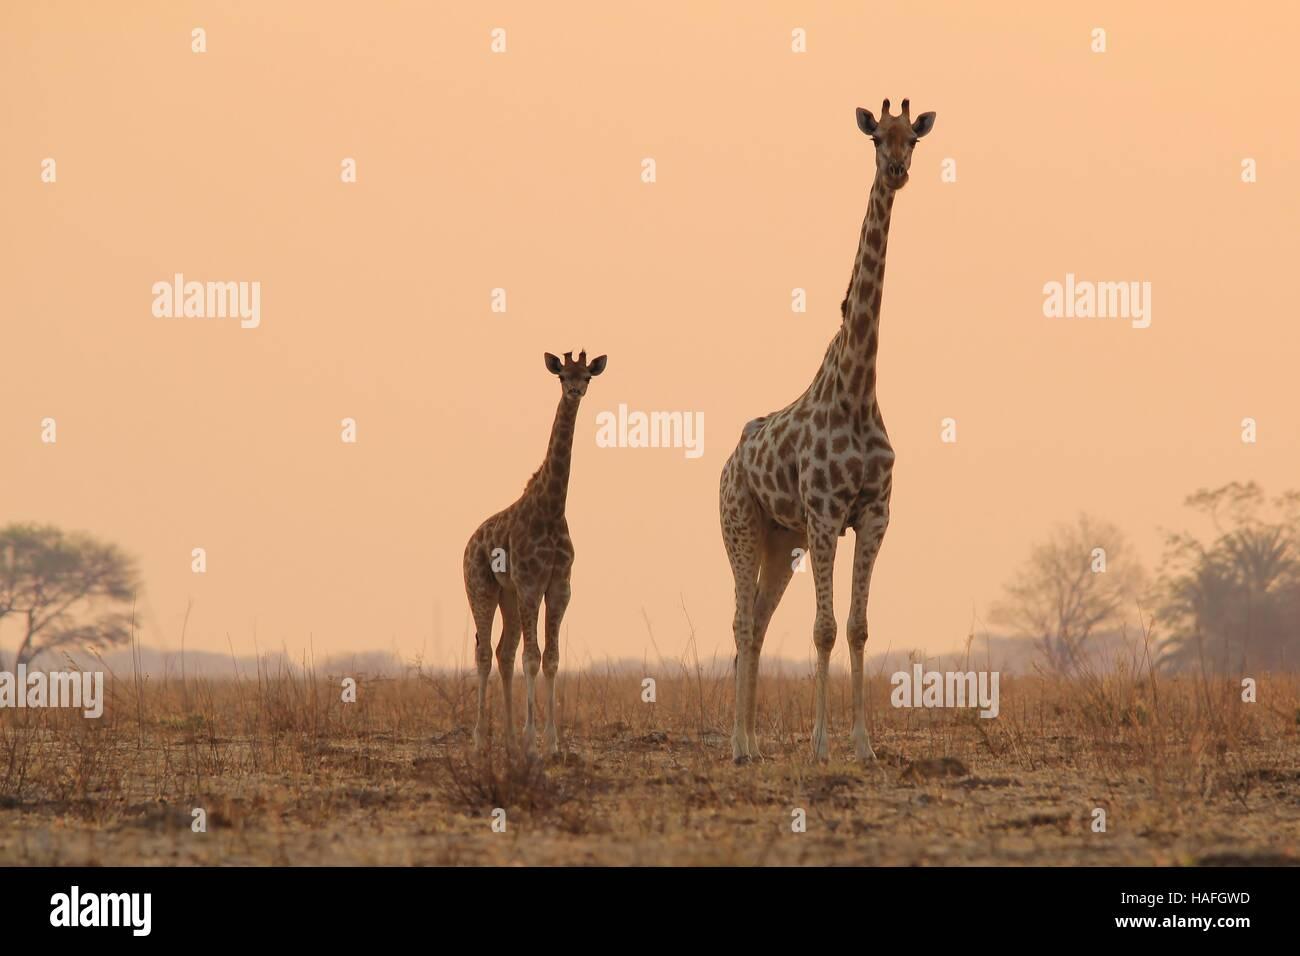 giraffe african wildlife background